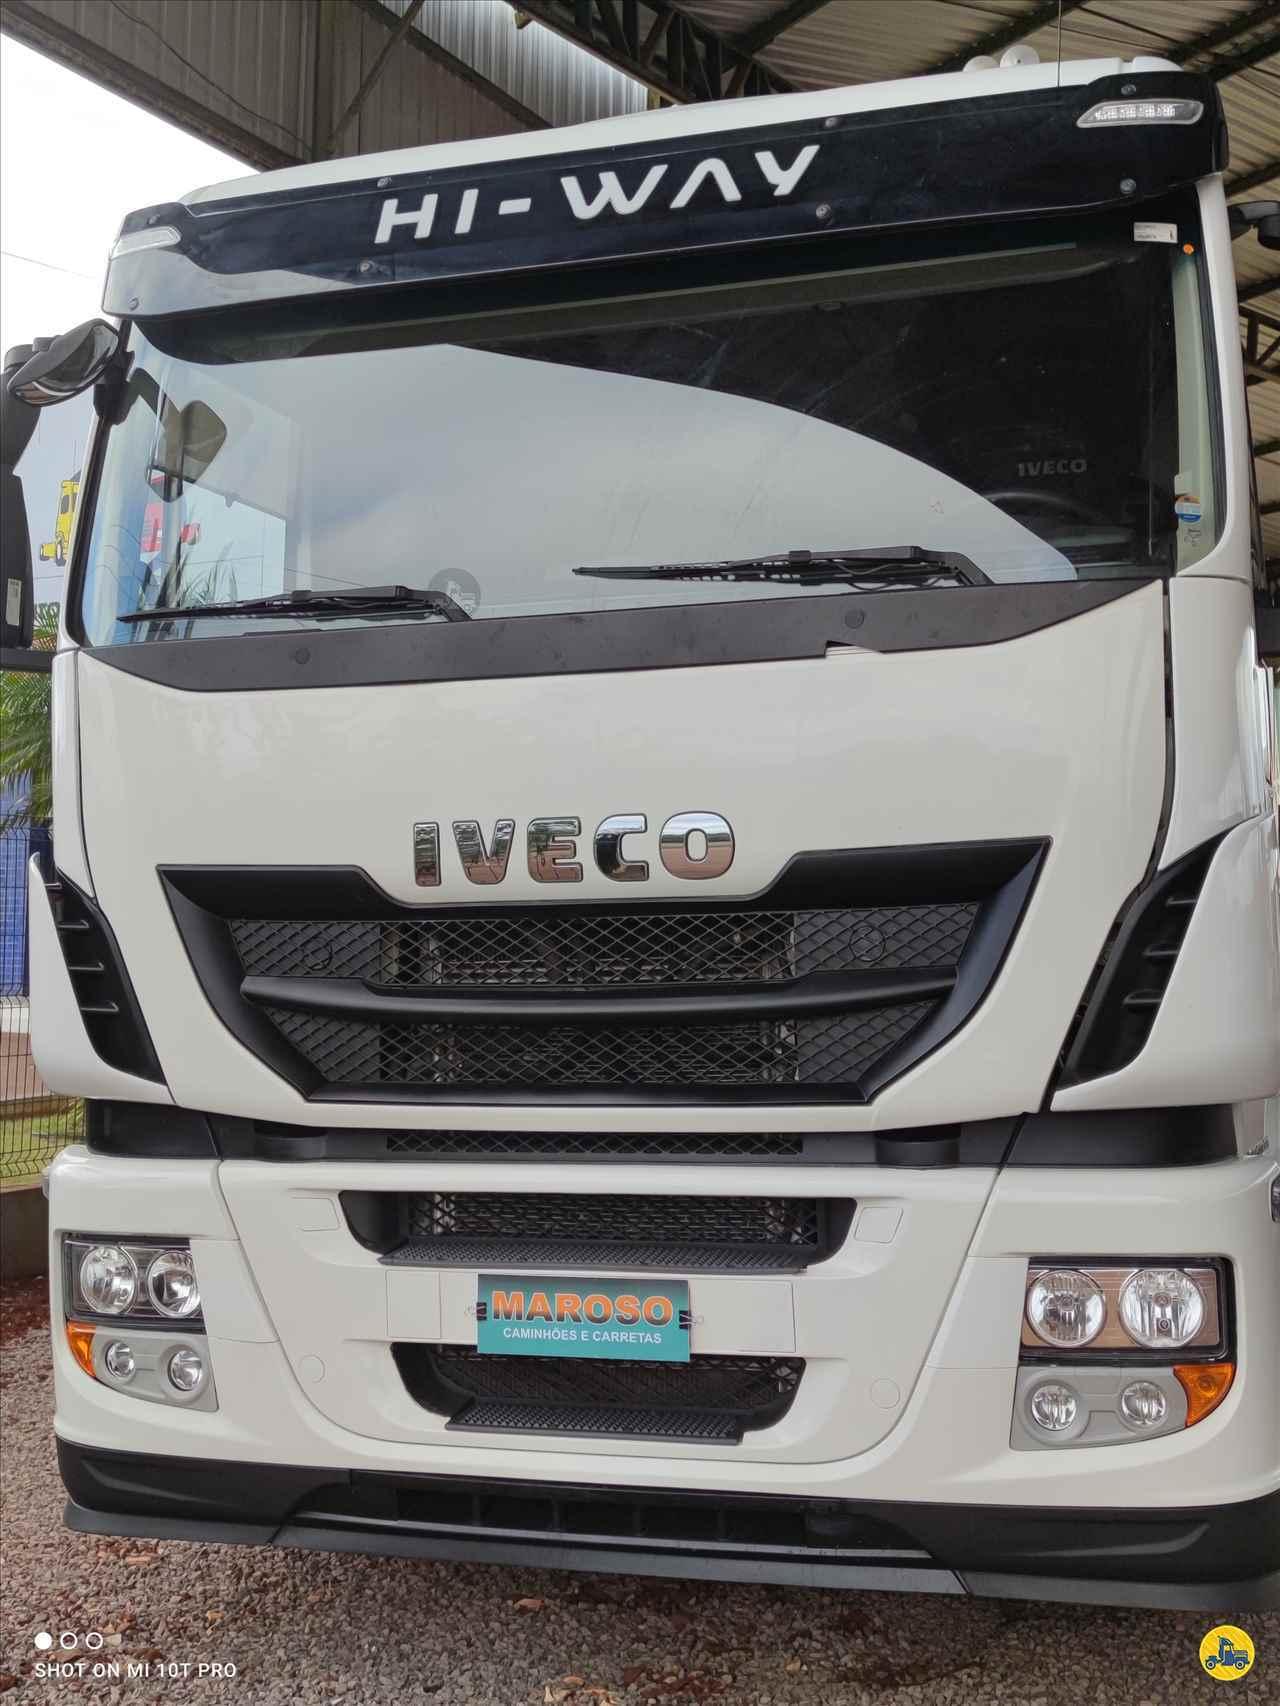 CAMINHAO IVECO STRALIS 440 Cavalo Mecânico Truck 6x2 Maroso Caminhões PALOTINA PARANÁ PR